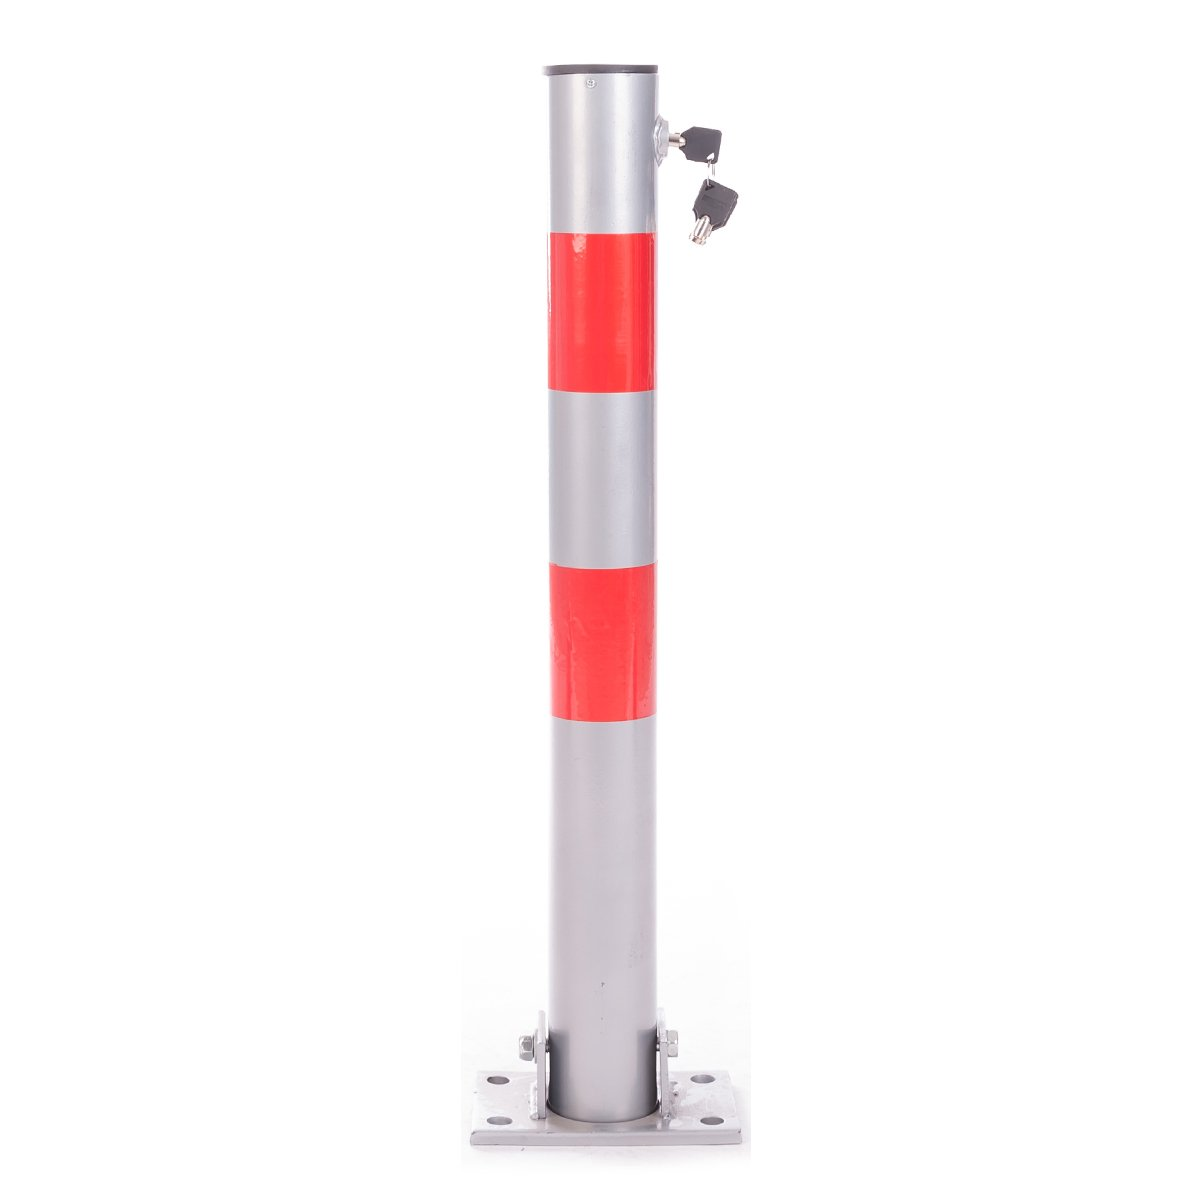 DXP Barreras de aparcamiento de hierro parkybarriers poste plegable para aparcamiento PAS11A